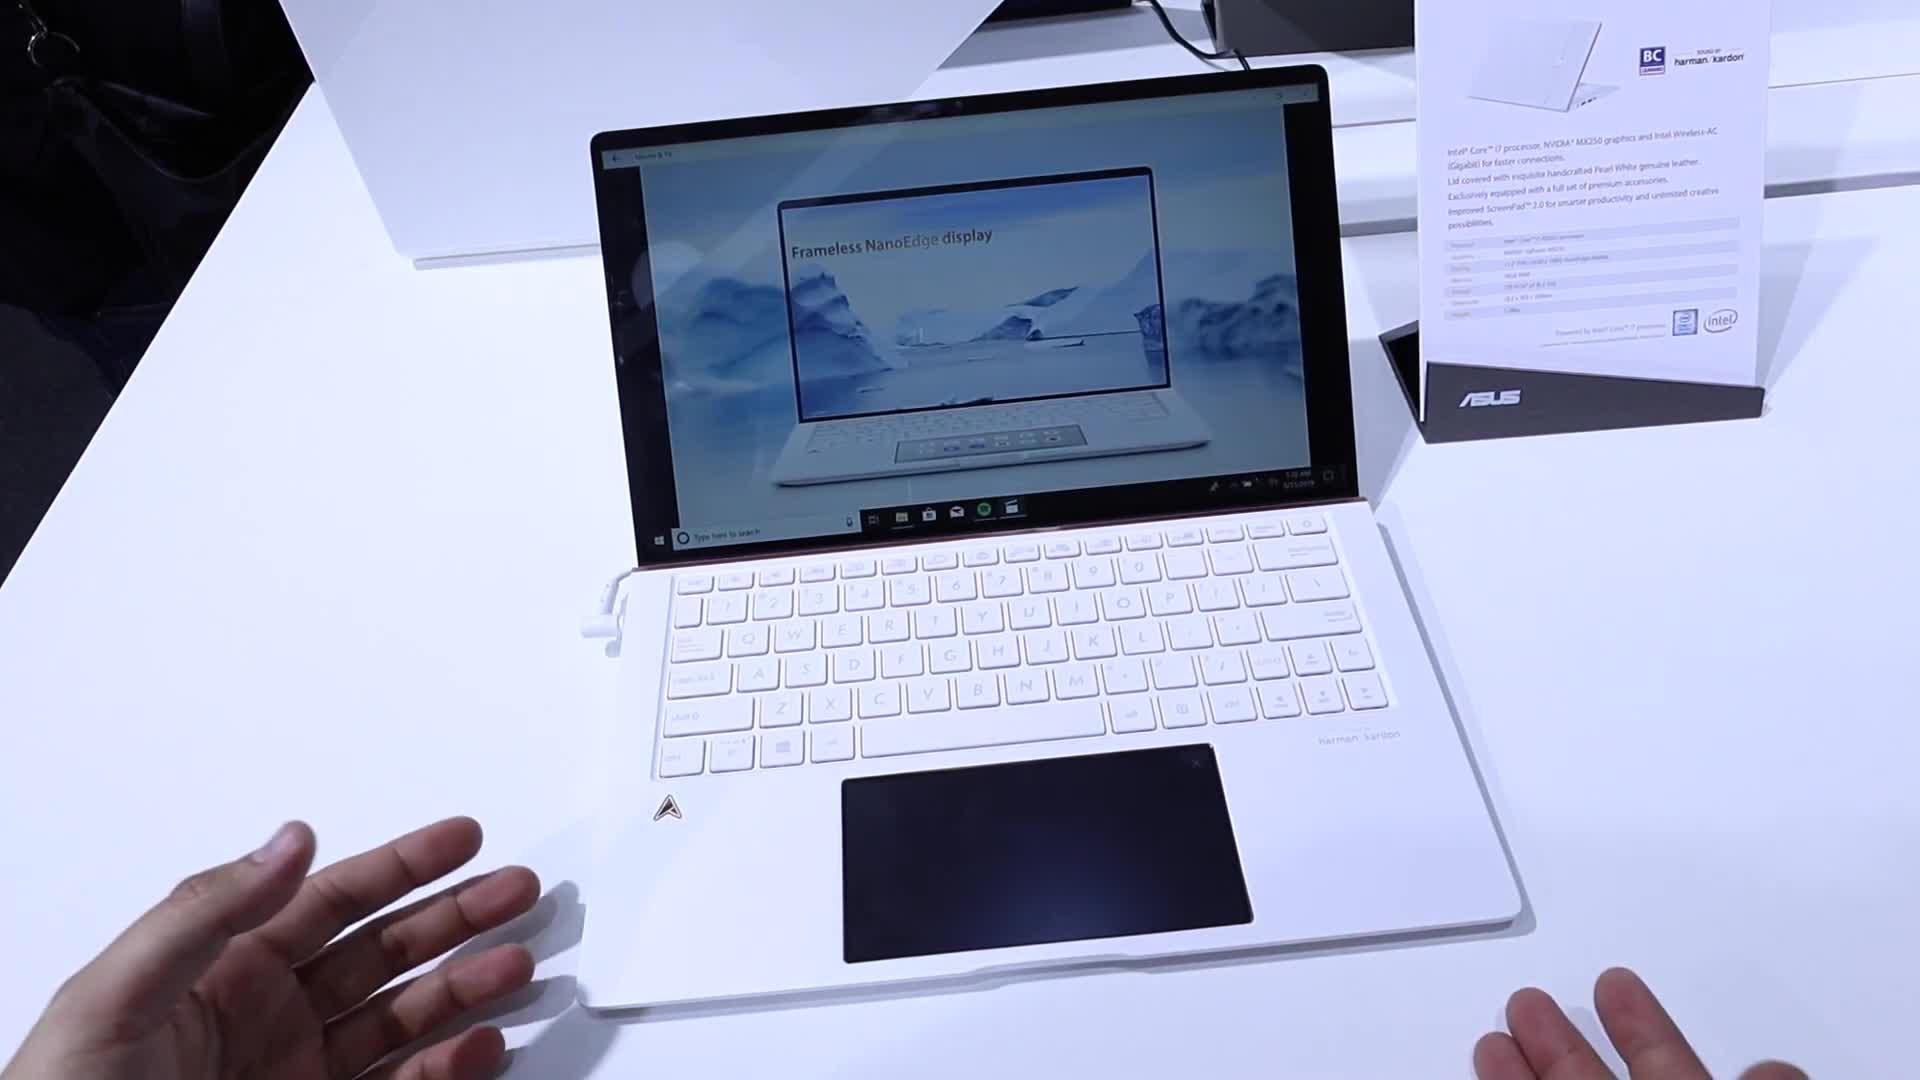 Asus, Computex, NewGadgets, Johannes Knapp, Computex 2019, Asus Zenbook, Asus ZenBook Edition 30, ZenBook Edition 30